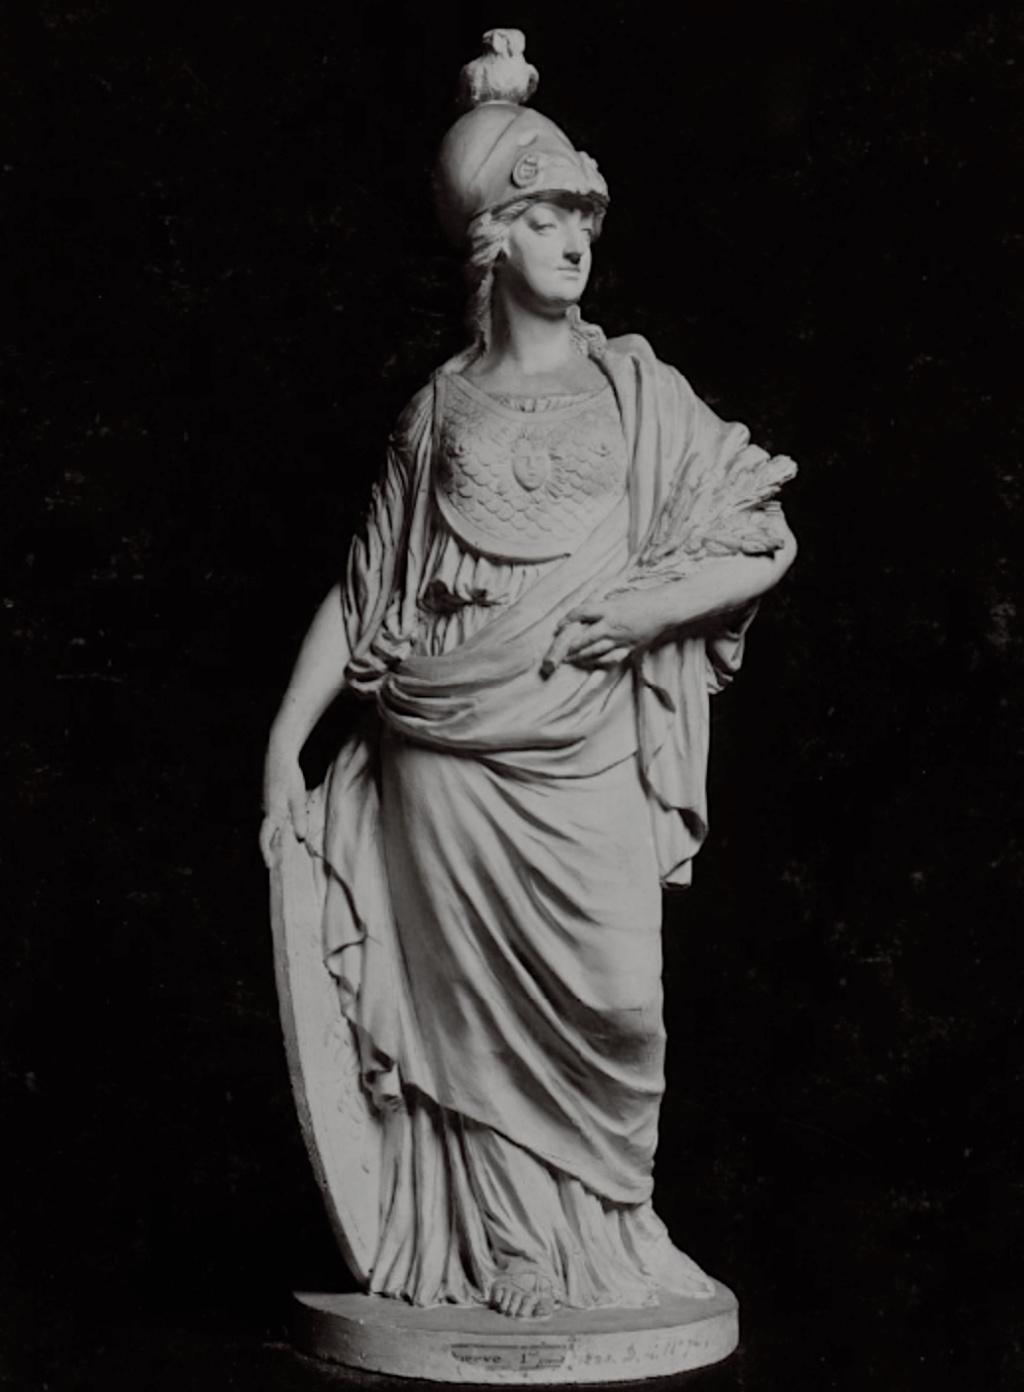 Groupe en biscuit de porcelaine de Niderviller, par Lemire : Marie-Antoinette représentée sous les traits de Minerve ? Captu786